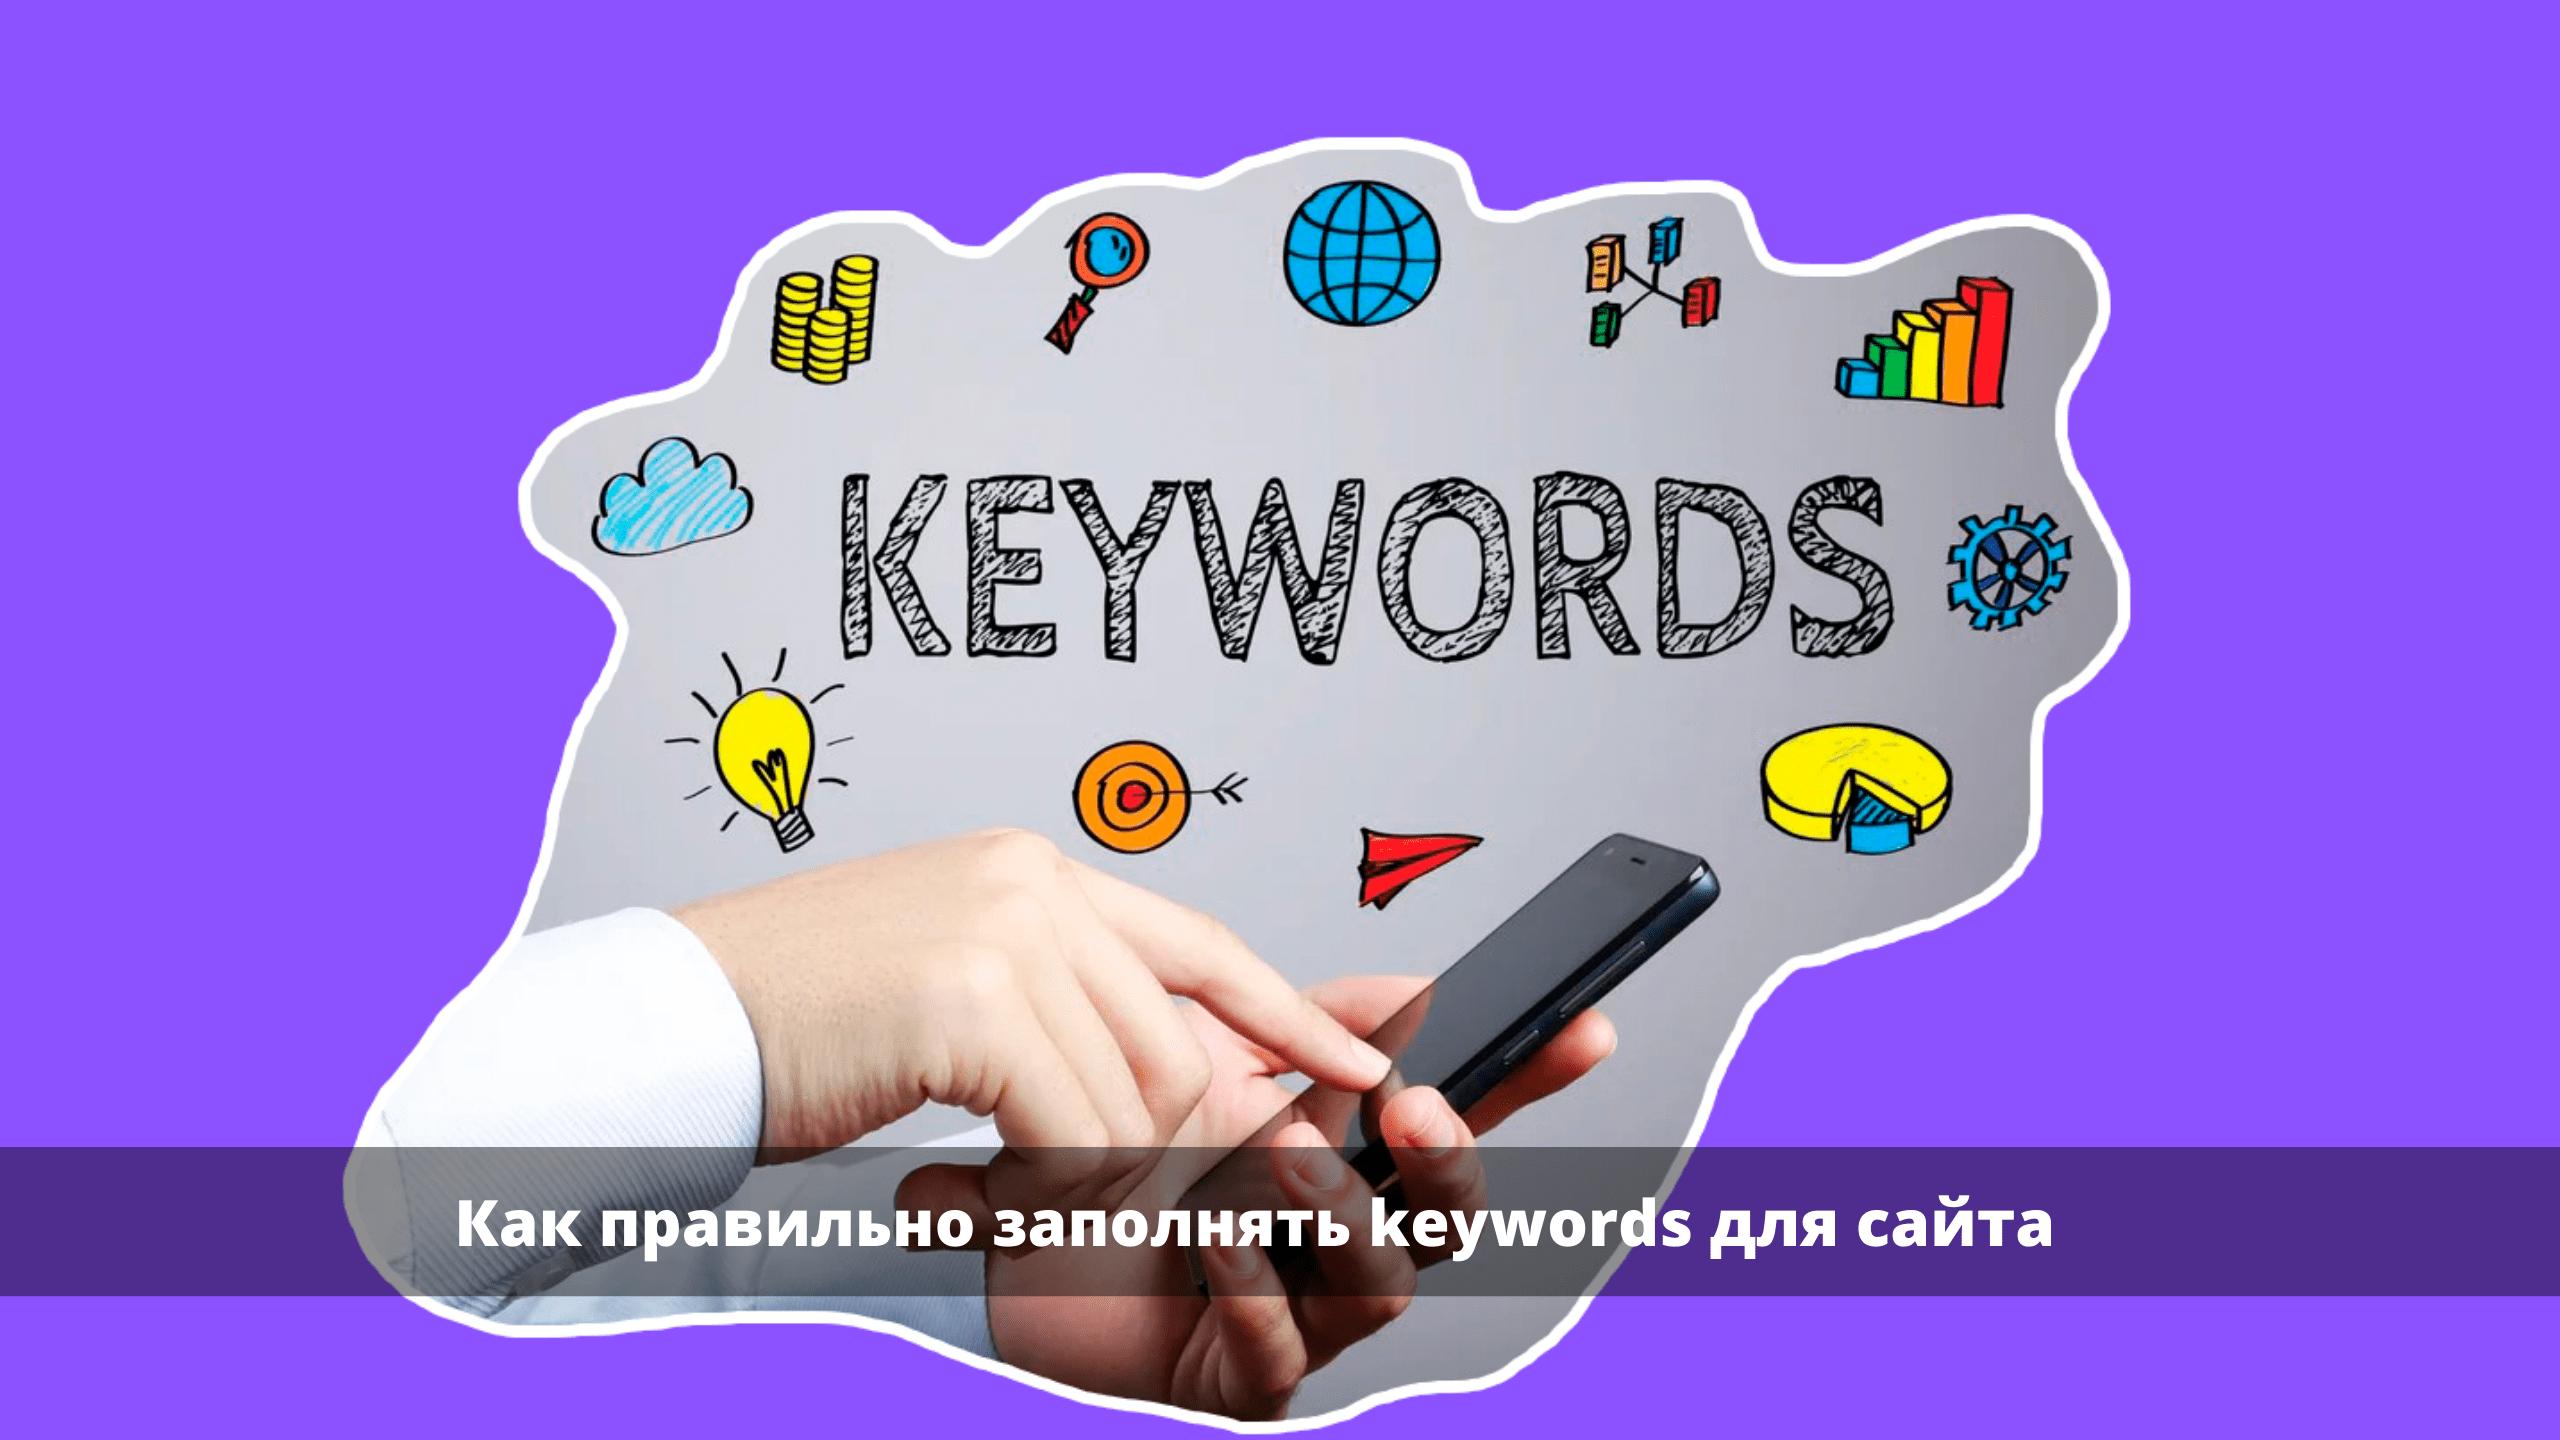 Как правильно заполнять keywords на сайте